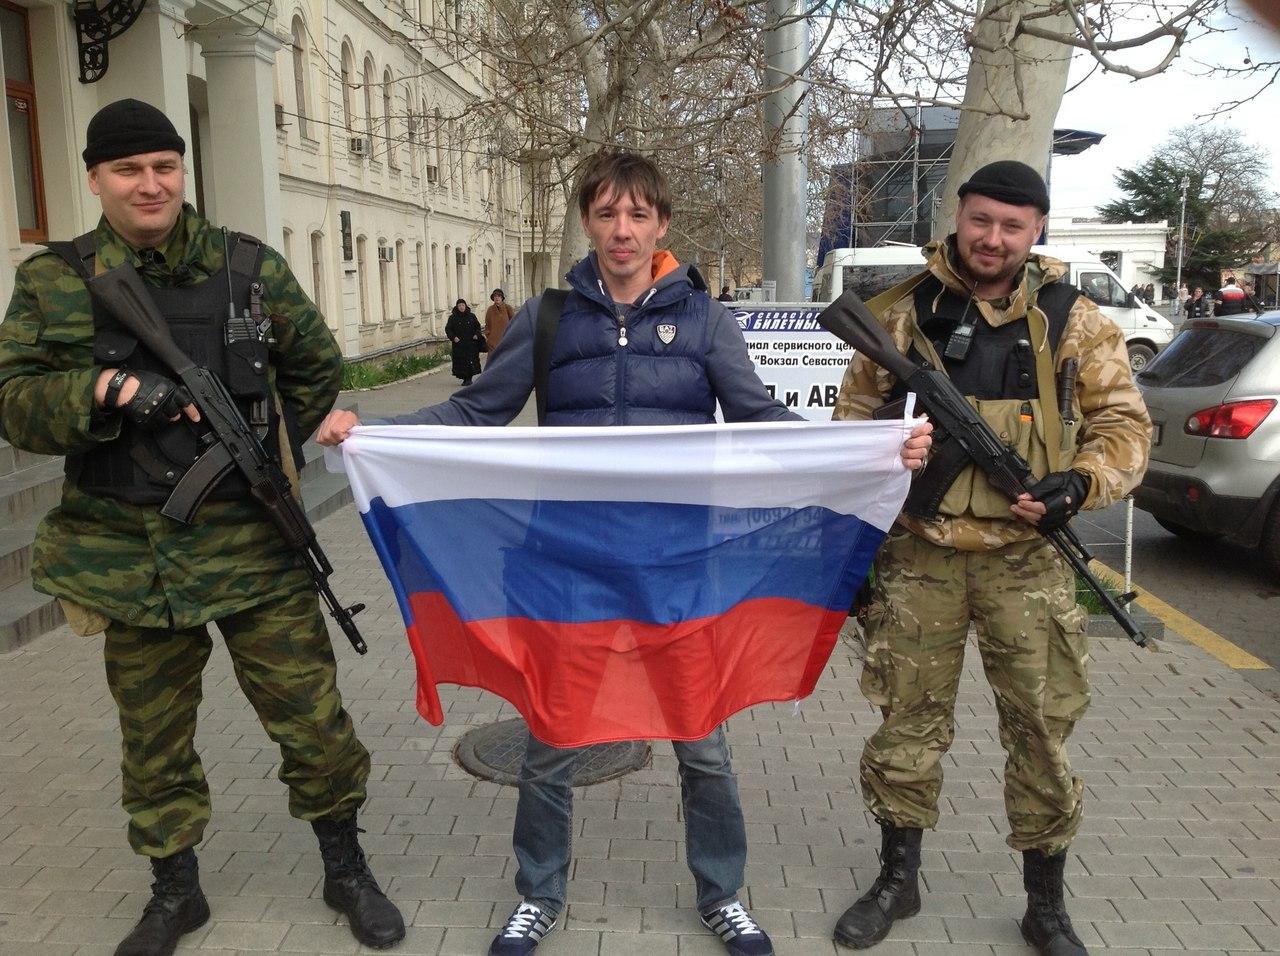 Гимн вежливых людей посвящен Российской Армии, обеспечившей защиту населения Крыма до и во время